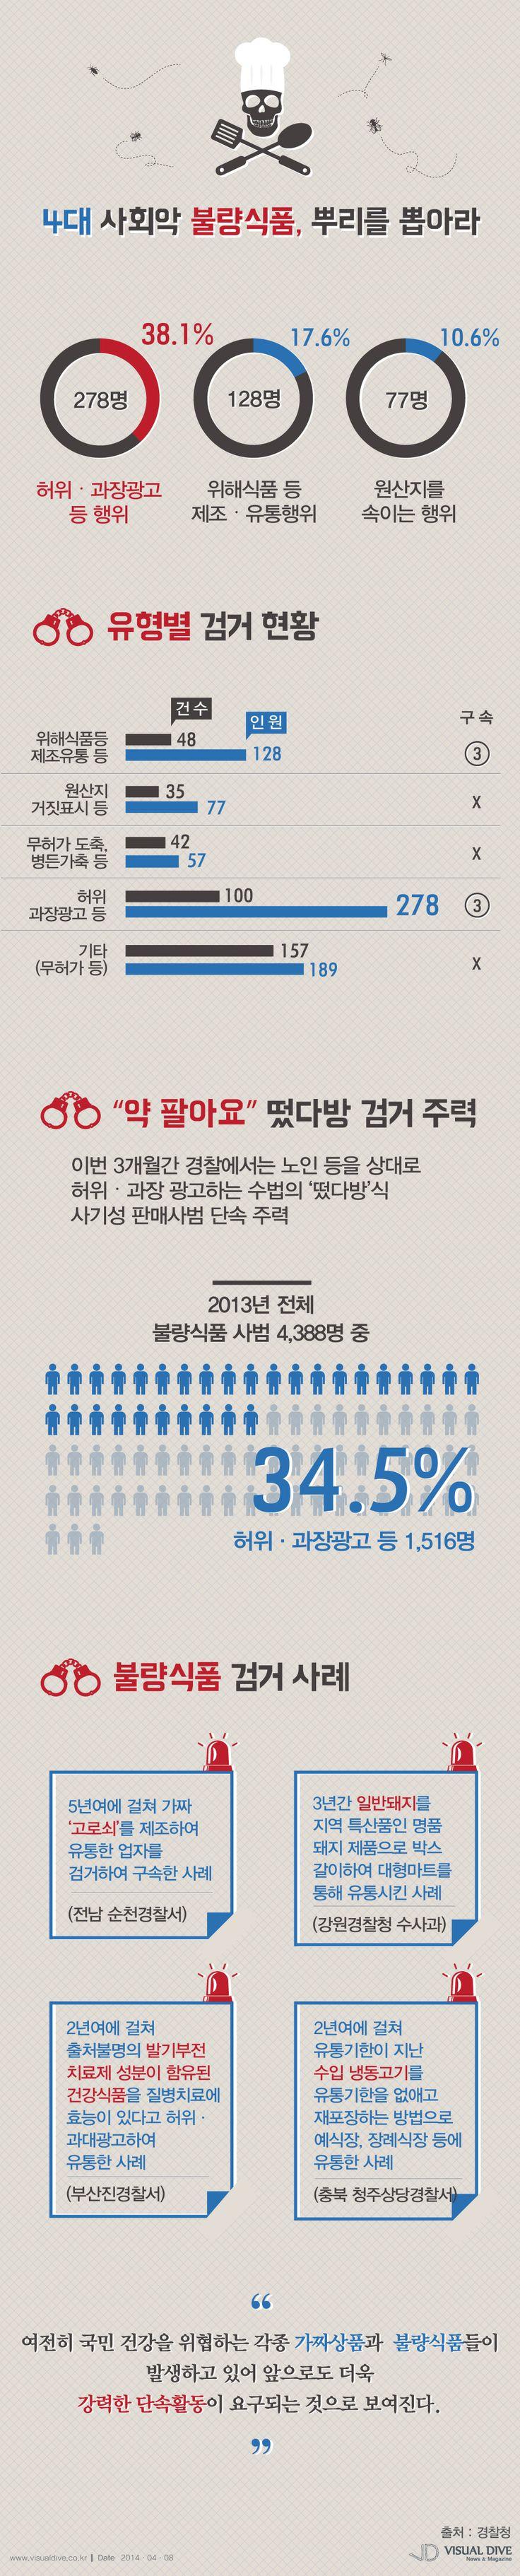 불량식품 사범 729명 검거…허위·과장광고, 원산지 거짓표시 등 [인포그래픽]  #food #Infographic ⓒ 비주얼다이브 무단 복사·전재·재배포